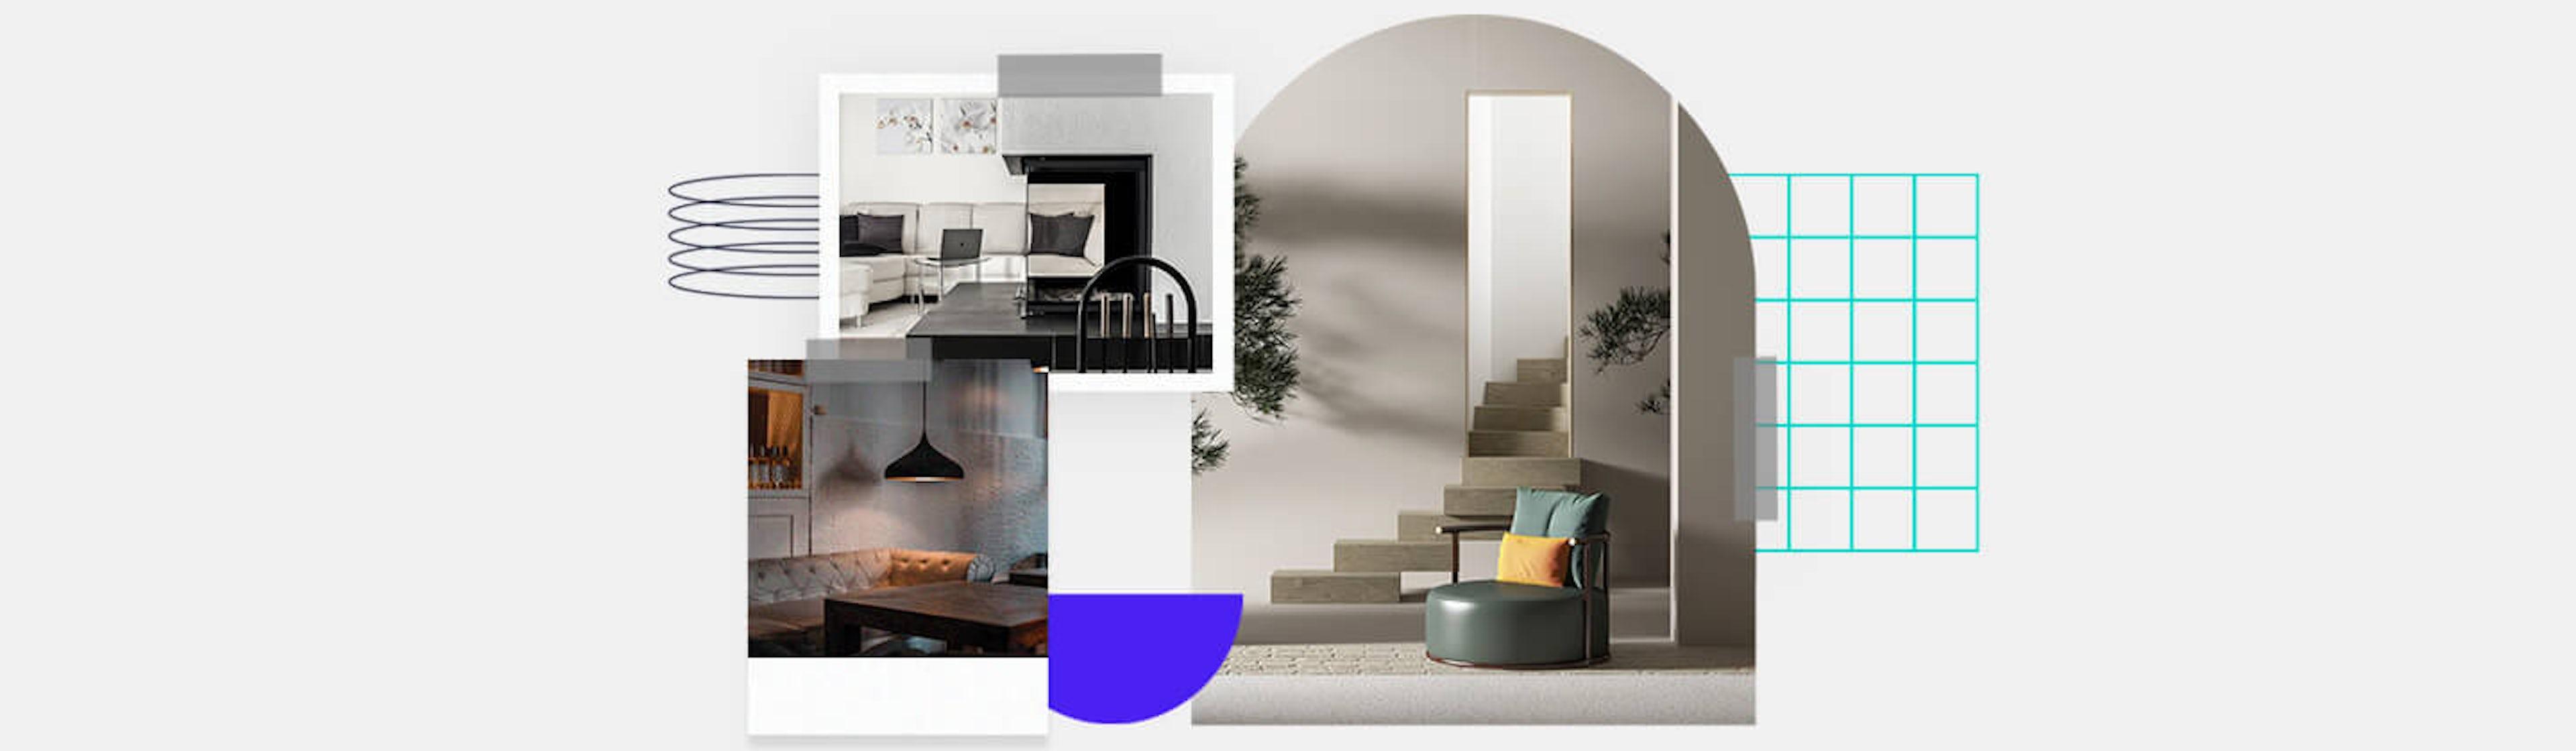 Los estilos de decoración de interiores que pese a los años siguen siendo tendencia